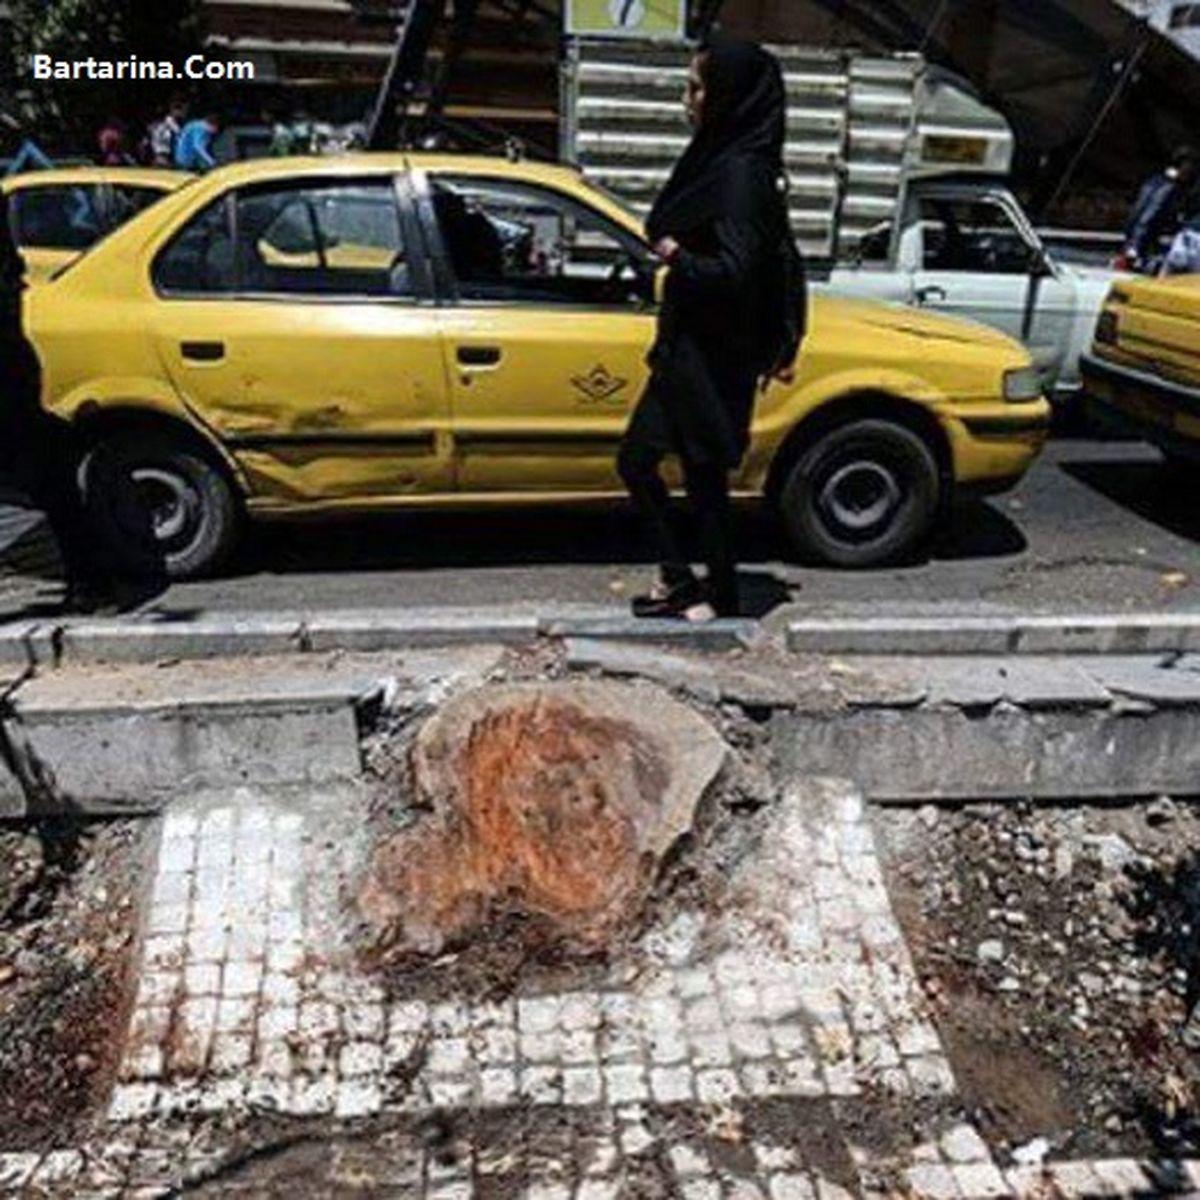 تجاوز جنسی راننده پراید به زن تهرانی در یک روز توسط چند نفر + عکس